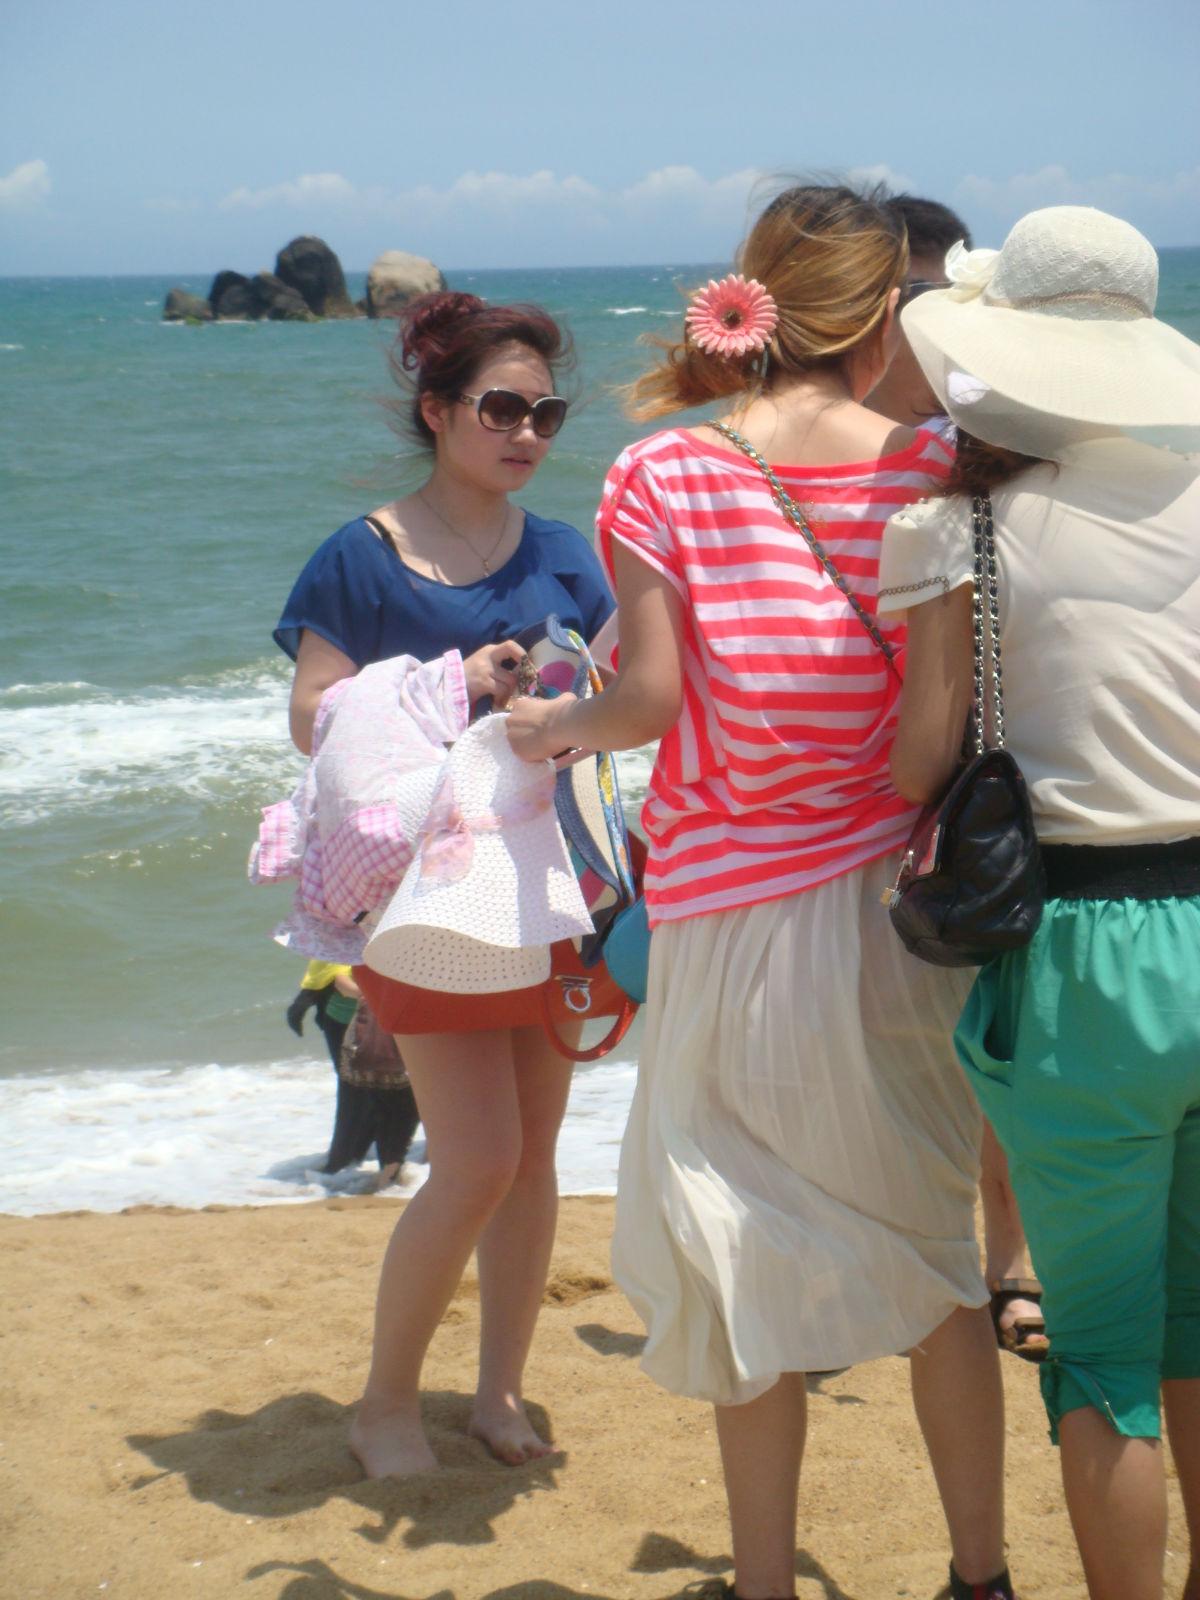 海南旅游美女多图 美女腿中间开大门图片